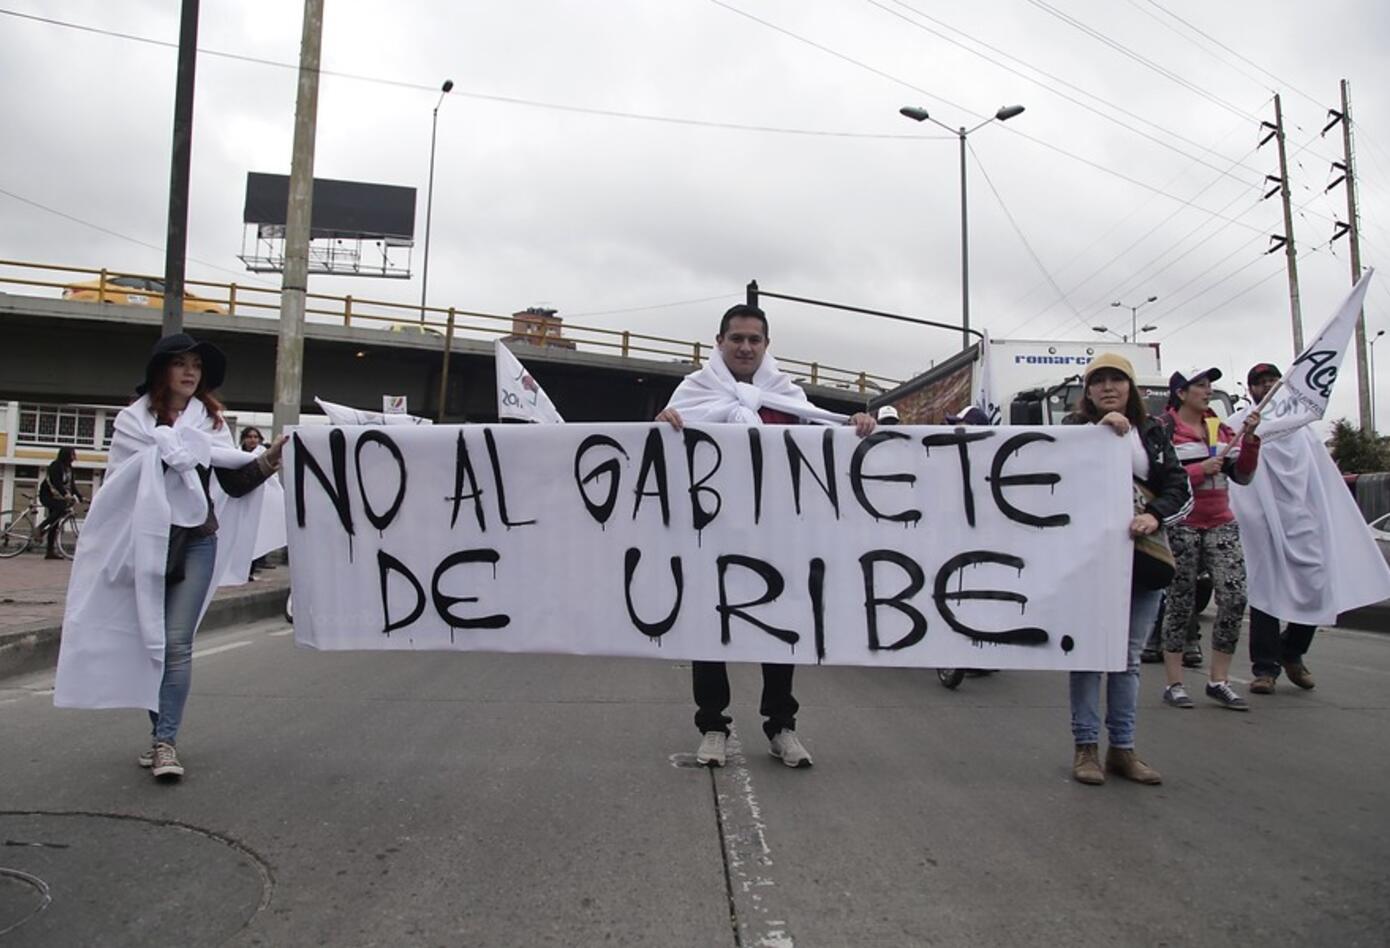 Las protestas en Bogotá en medio de la posesión de Iván Duque